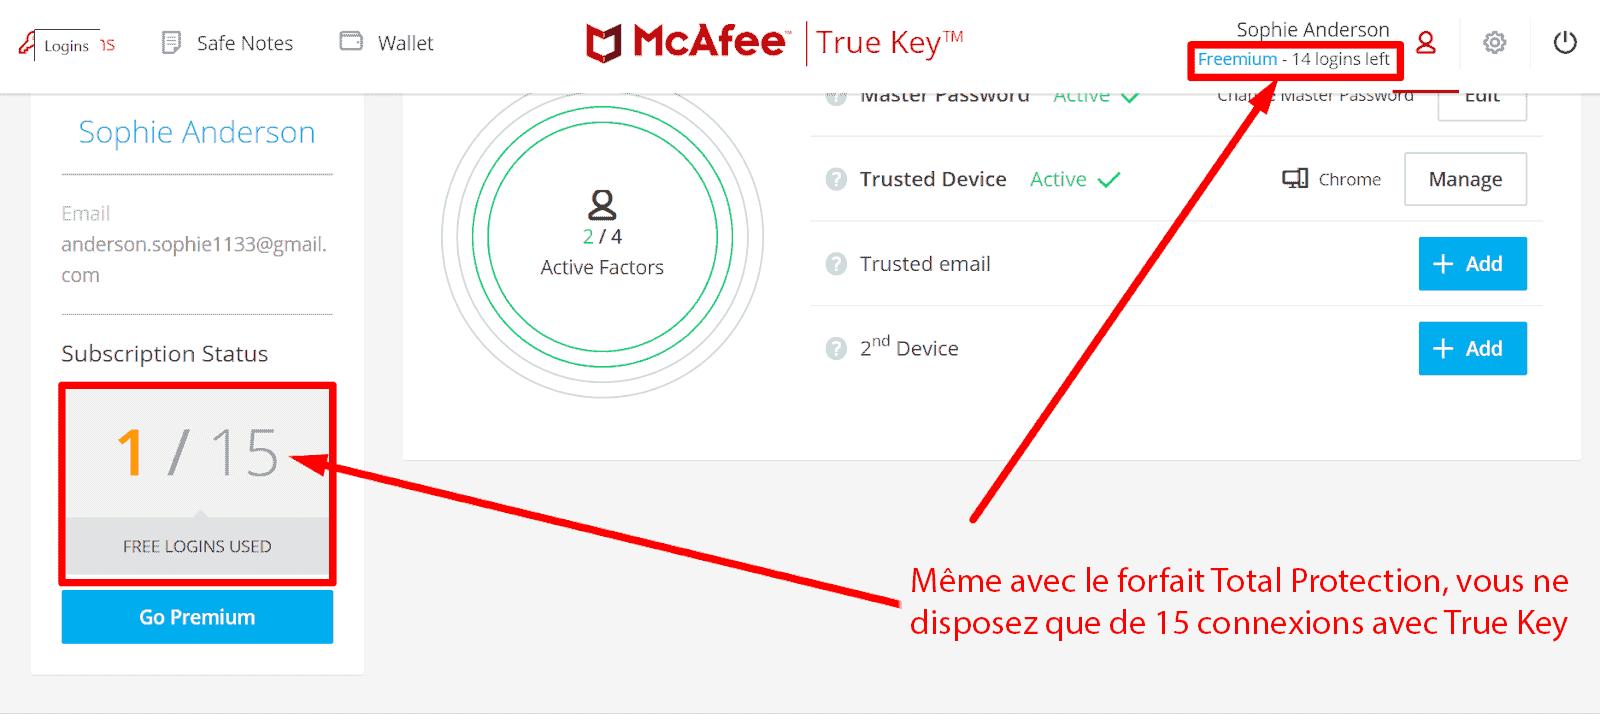 Fonctionnalités de sécurité de McAfee